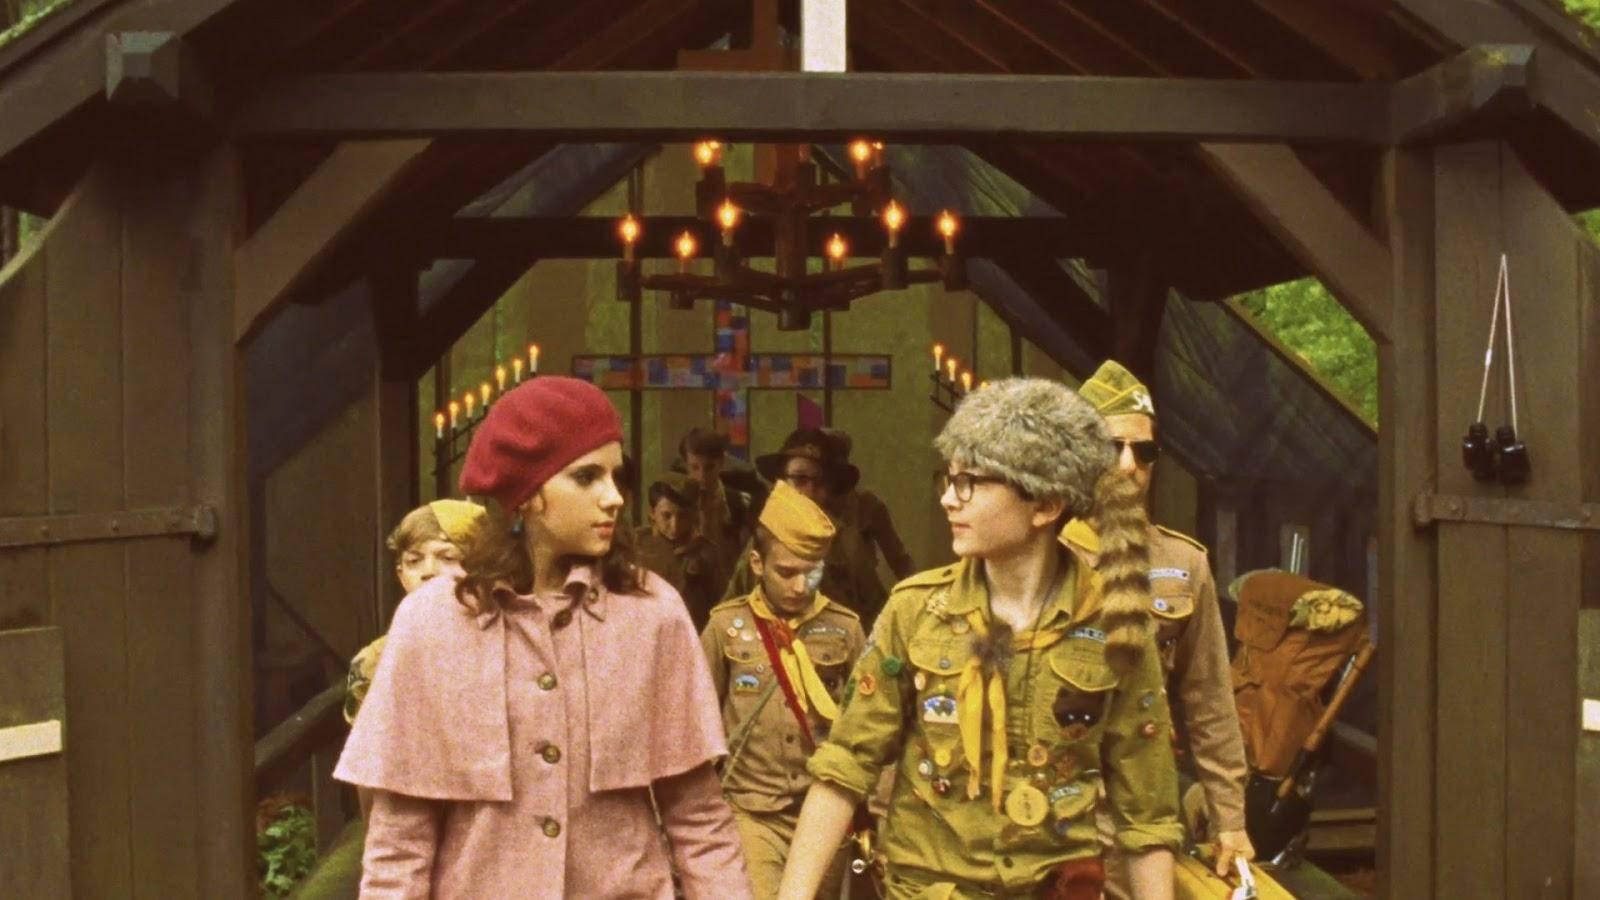 价格设定在上世纪六十年代的一个皮卡上,主人公山姆和故事暗许的芳心黄海二手重庆n2女孩小岛多少图片